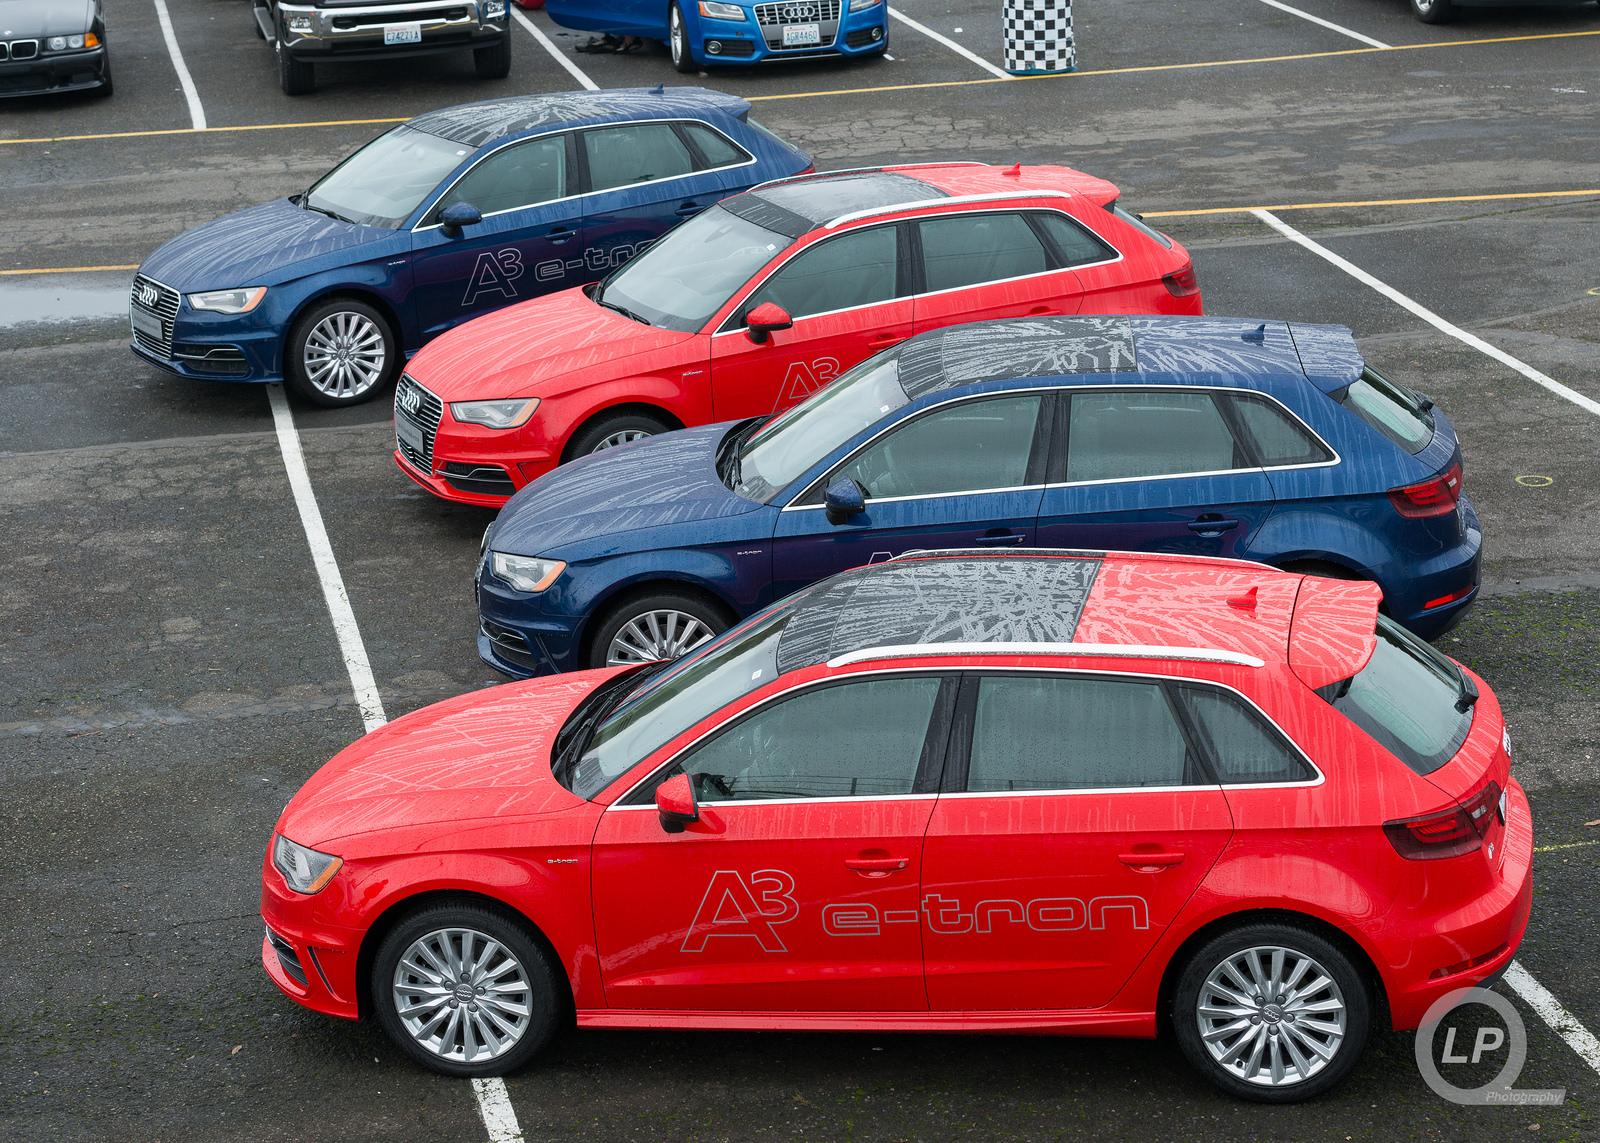 Four Audi A3 Sportback e-trons at Quattrofest